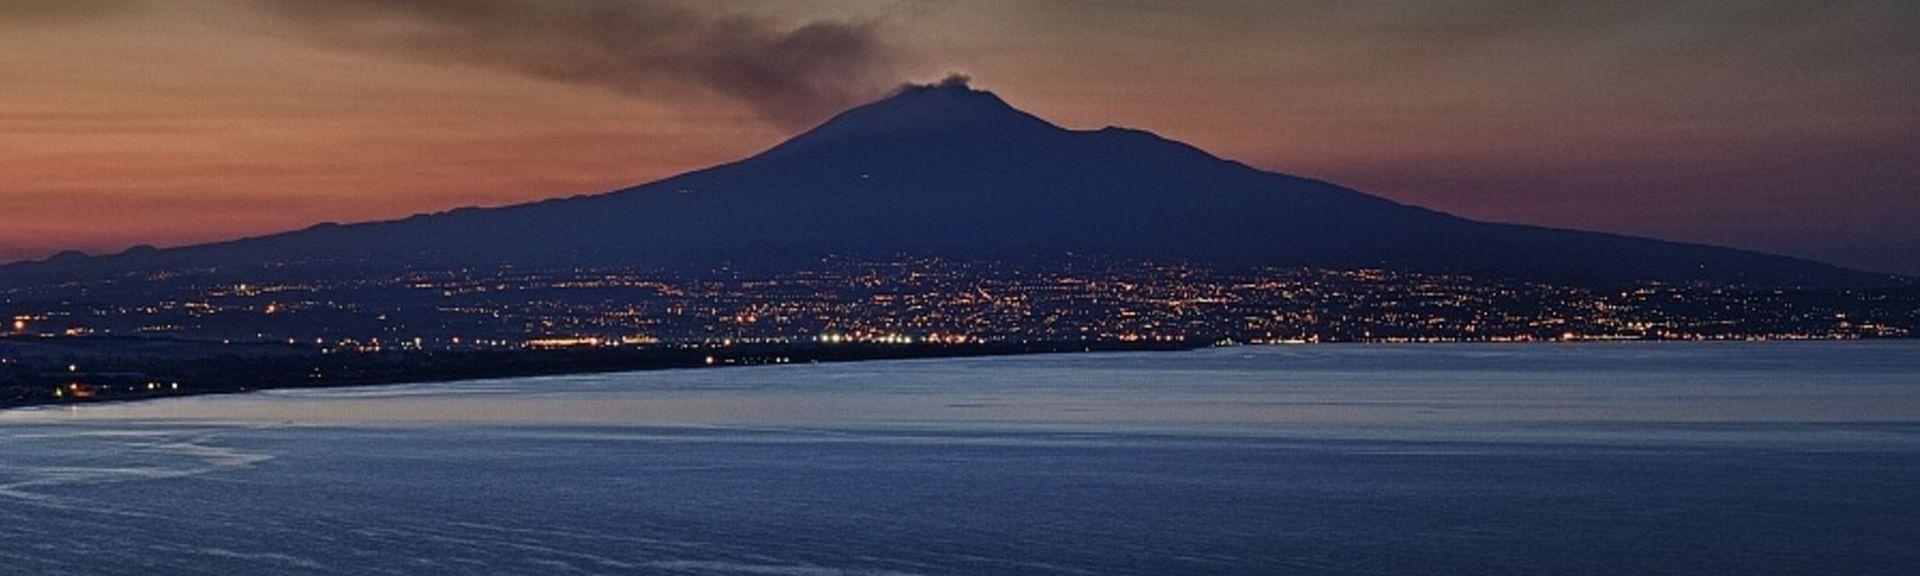 Catanias strand, Catania, Sicilien, Italien